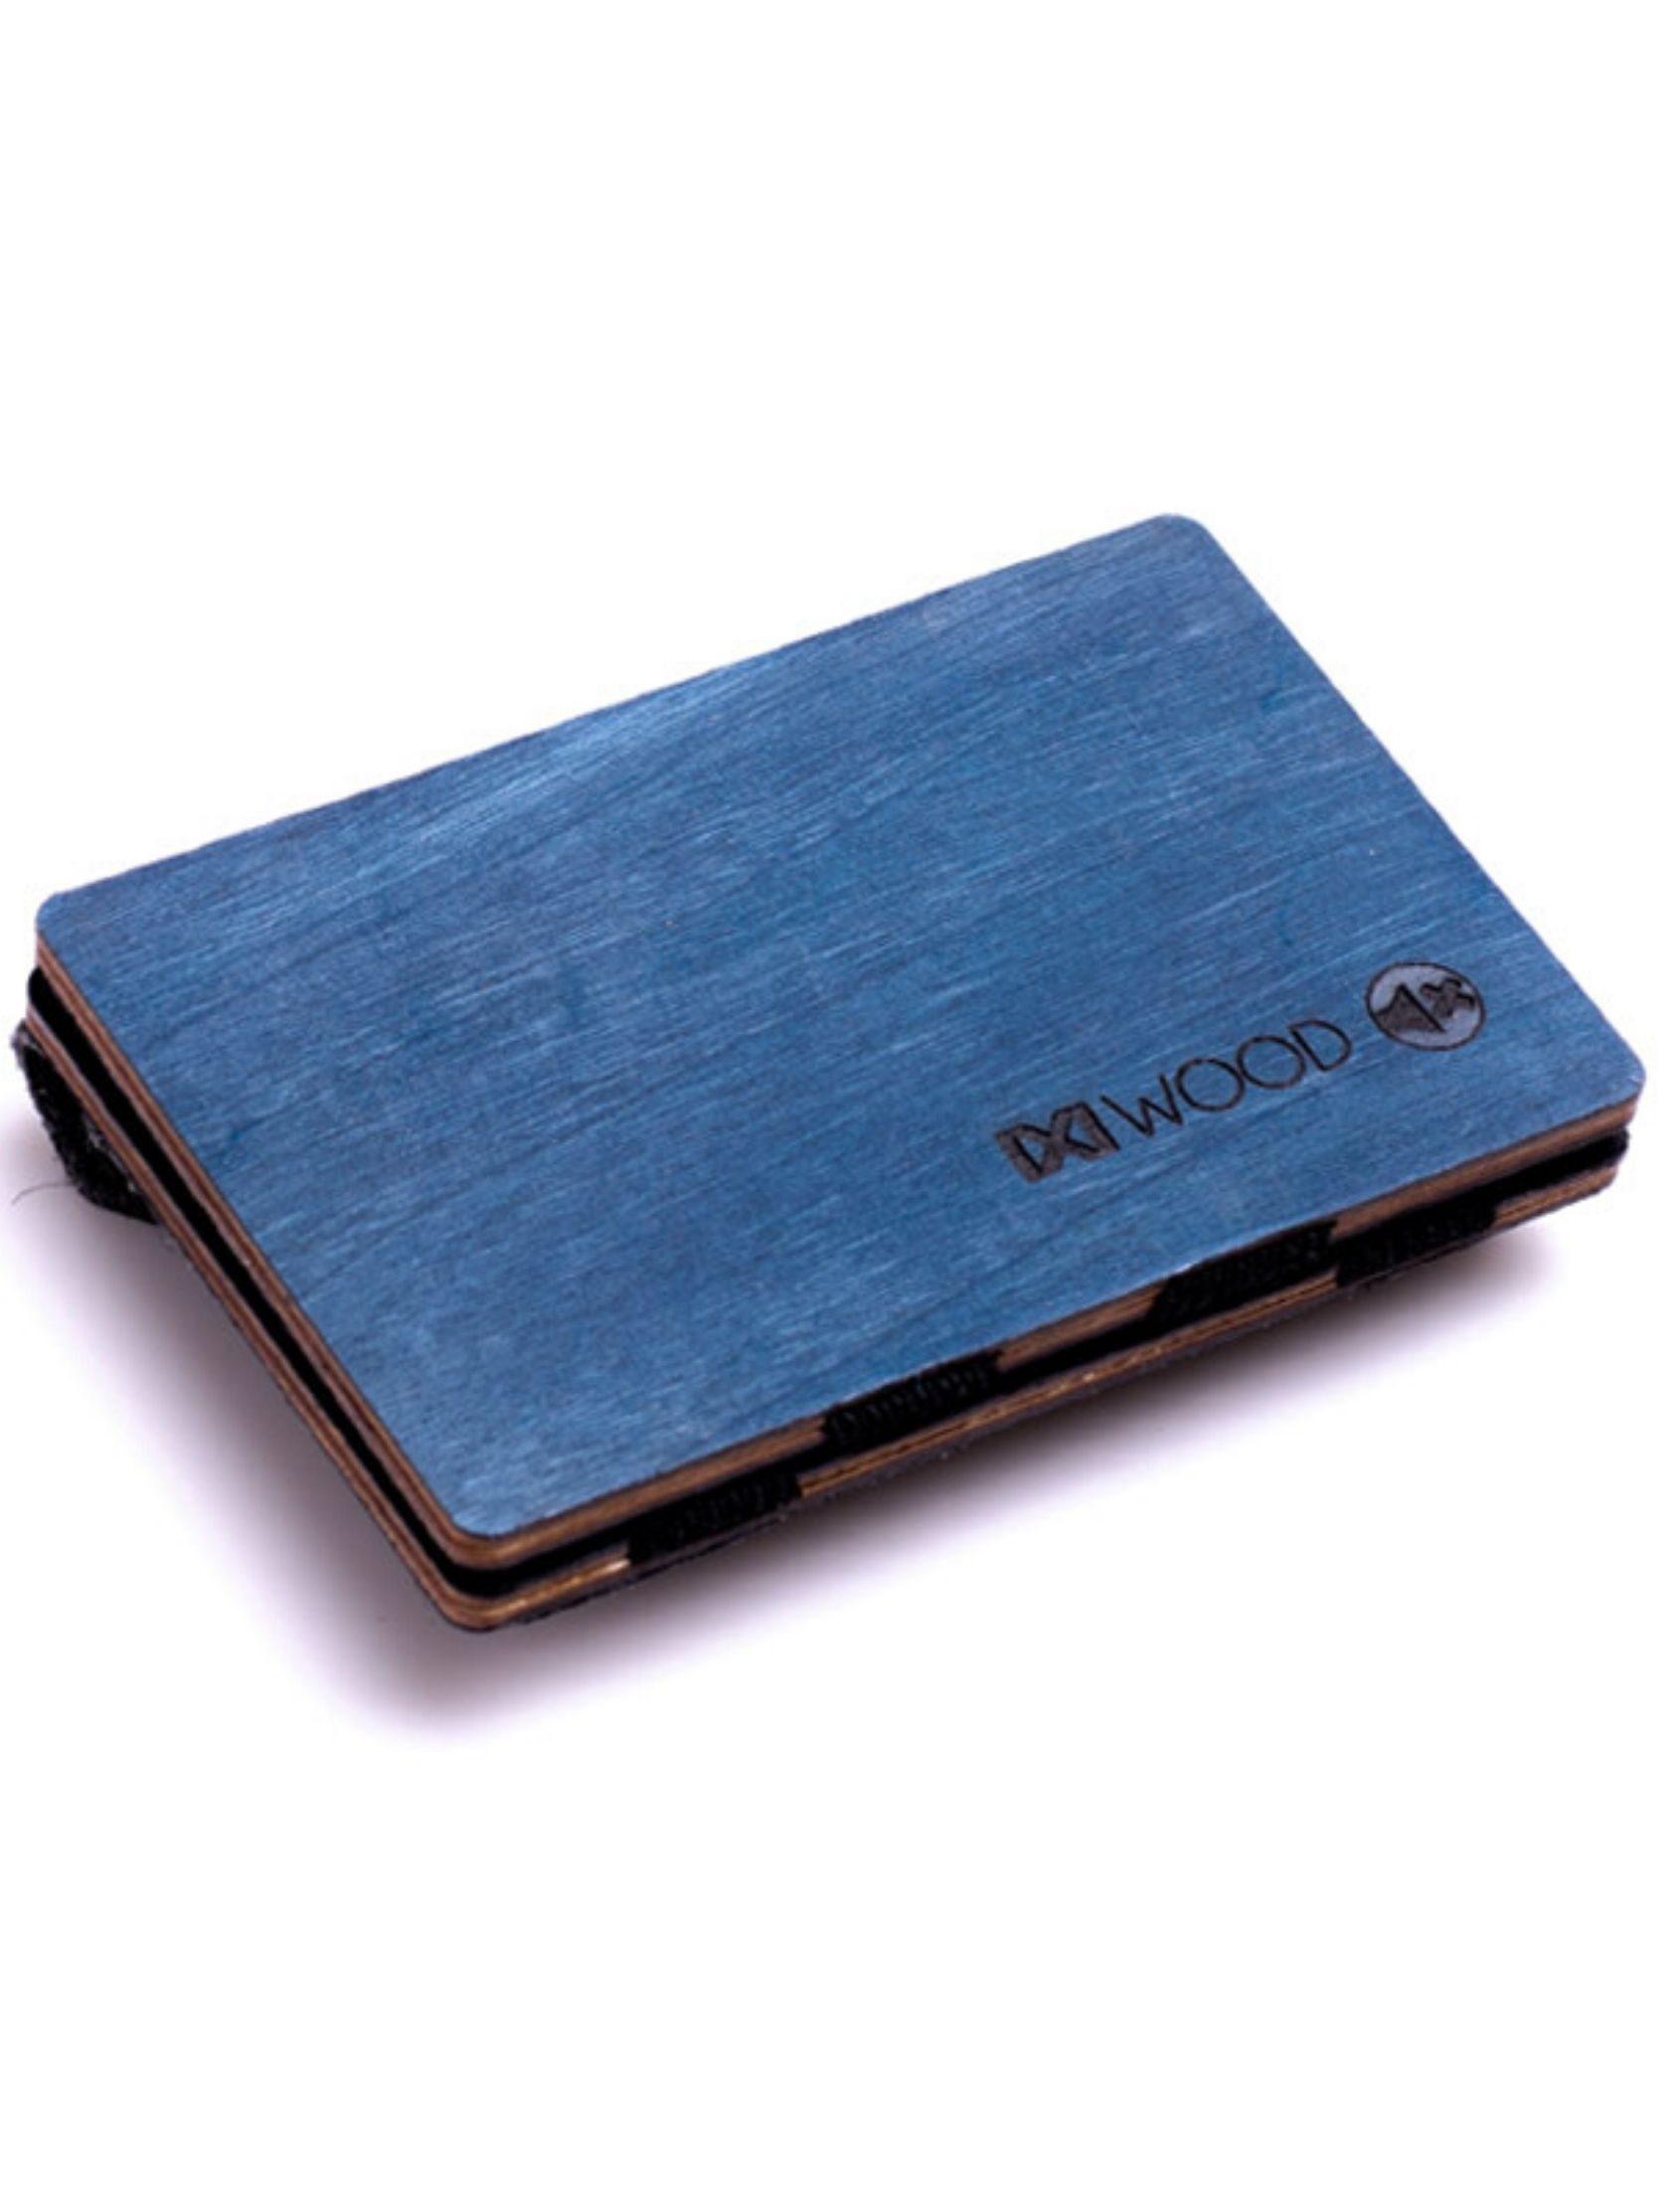 cartera de madera en color azul con momnedero de IXI WOOD